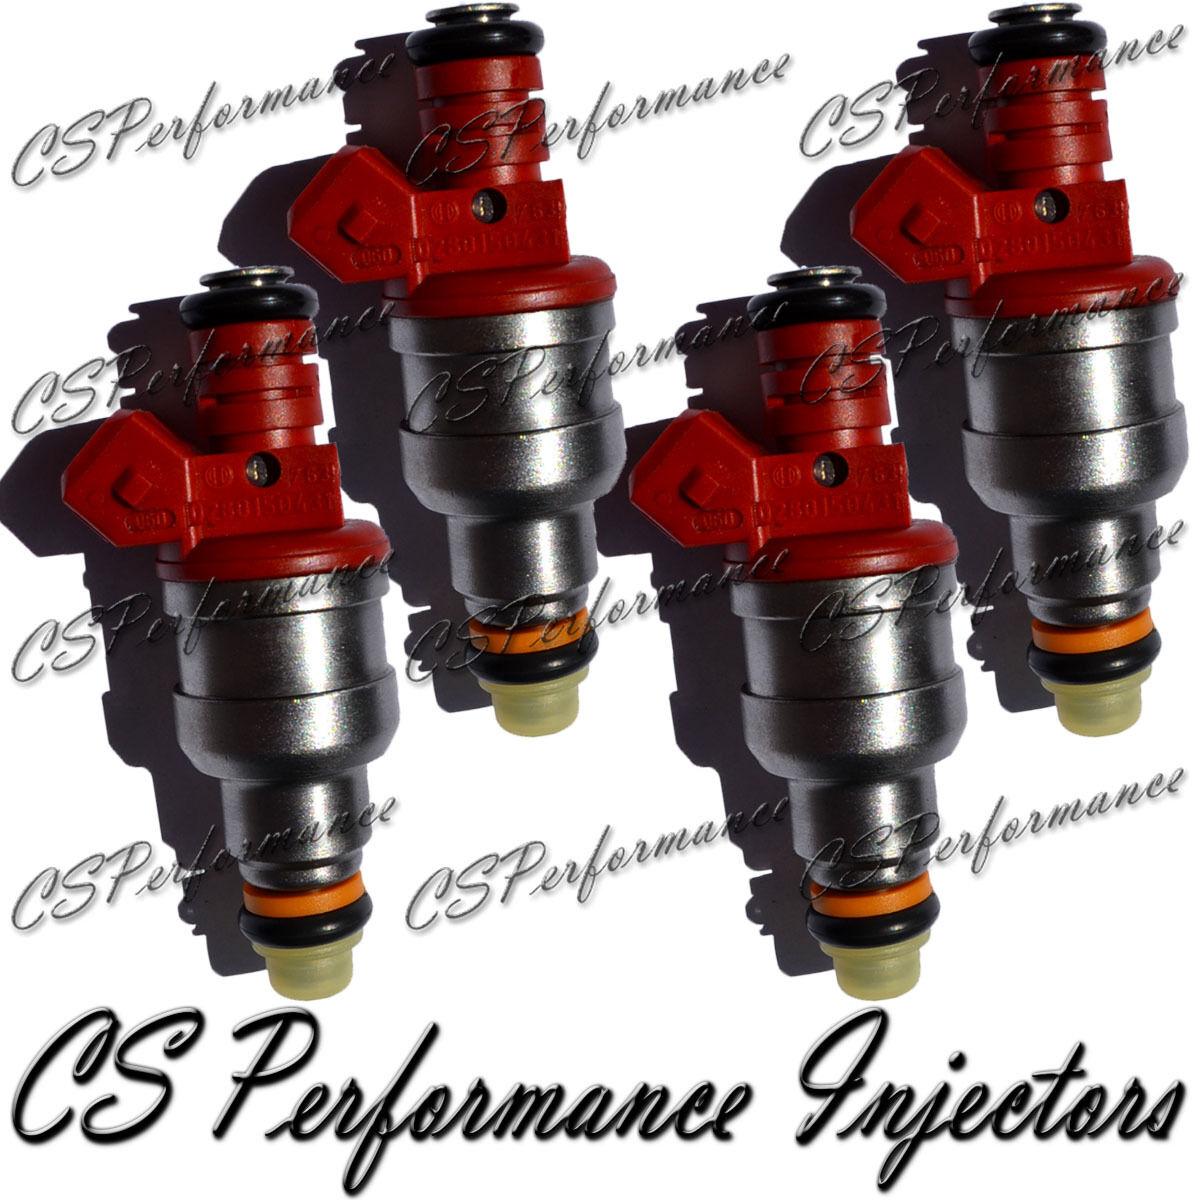 94 96 98 97 95 saab 9000 oem 2.3 turbo fuel injector rail 0280150431